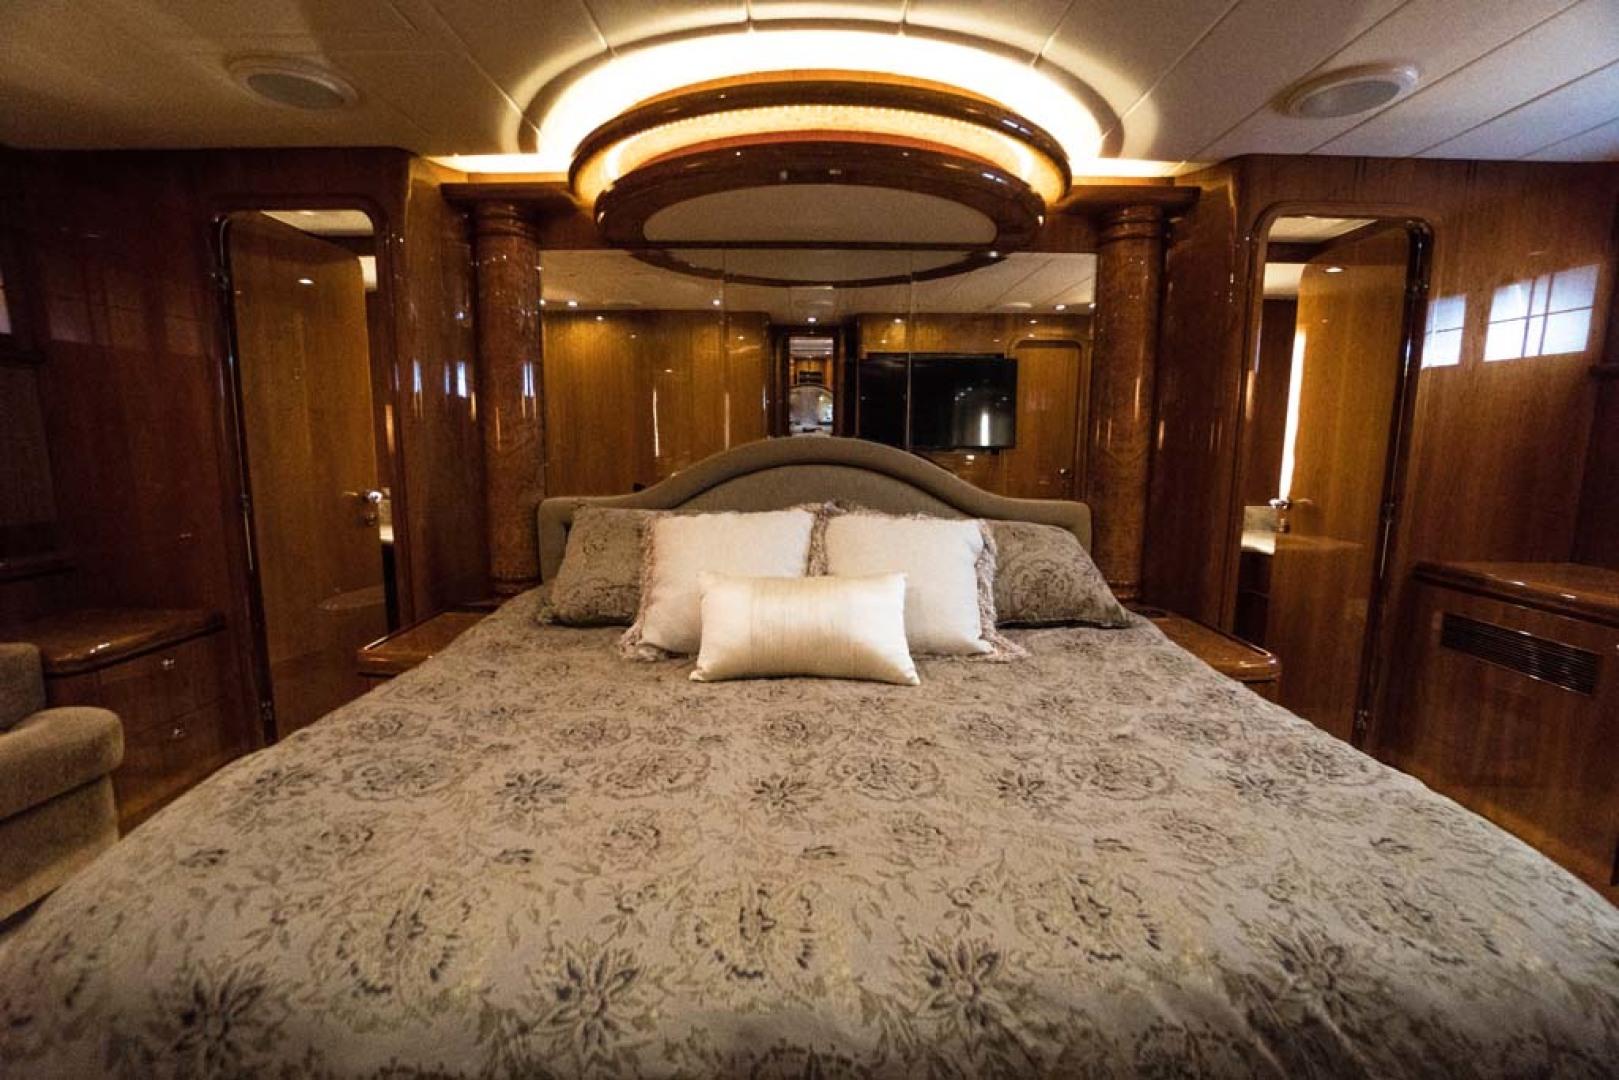 Horizon-Cockpit-Motor-Yacht-2008-Liberation-Stuart-Florida-United-States-Master-Stateroom-1075343